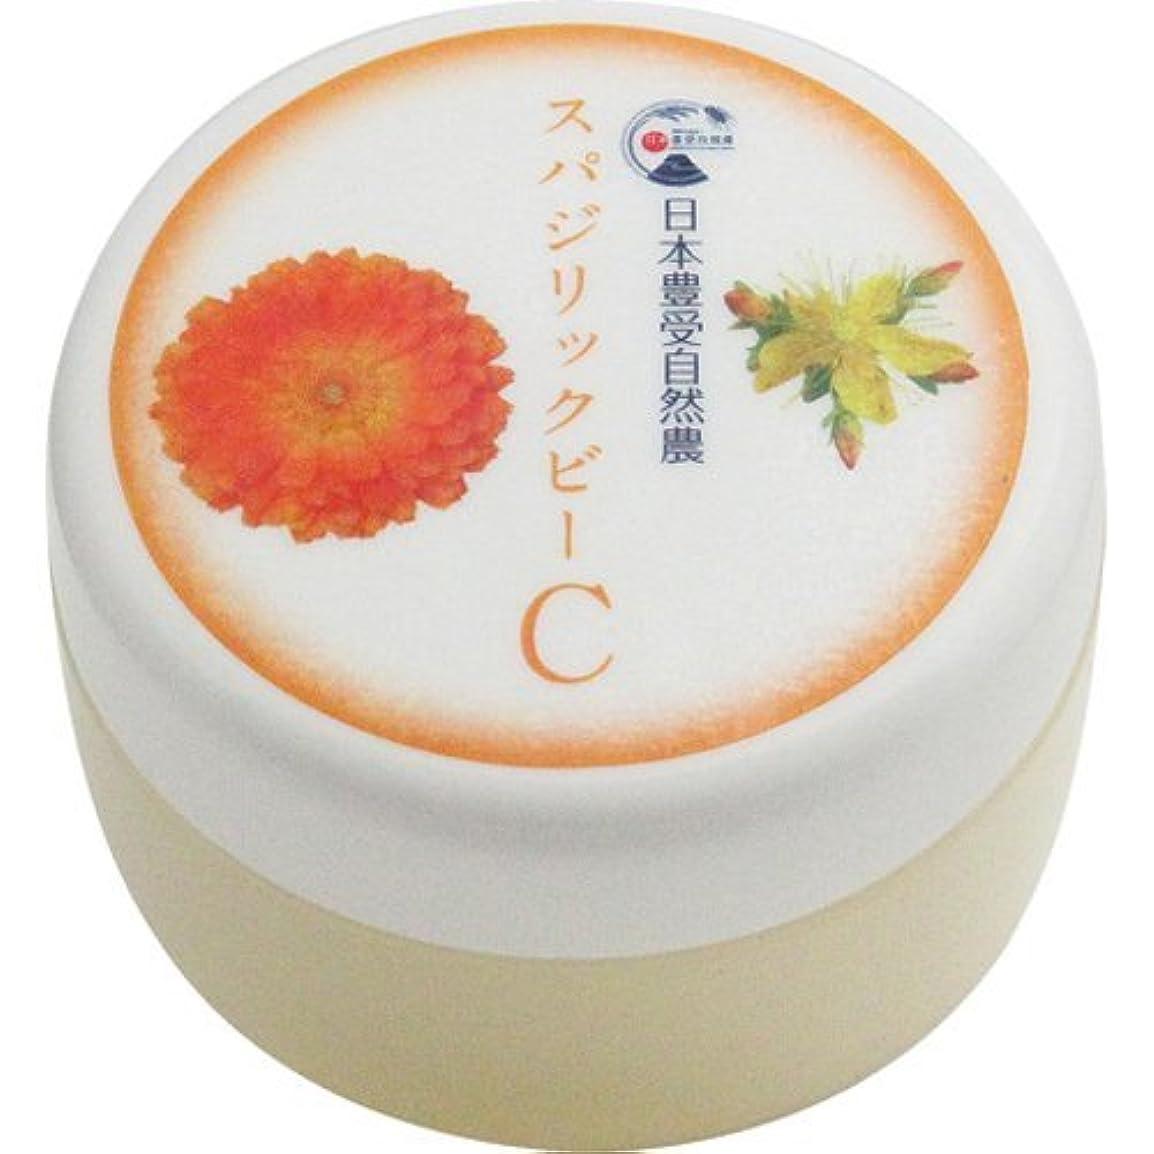 皿カプセル発表日本豊受自然農 スパジリック ビーC(大) 45g